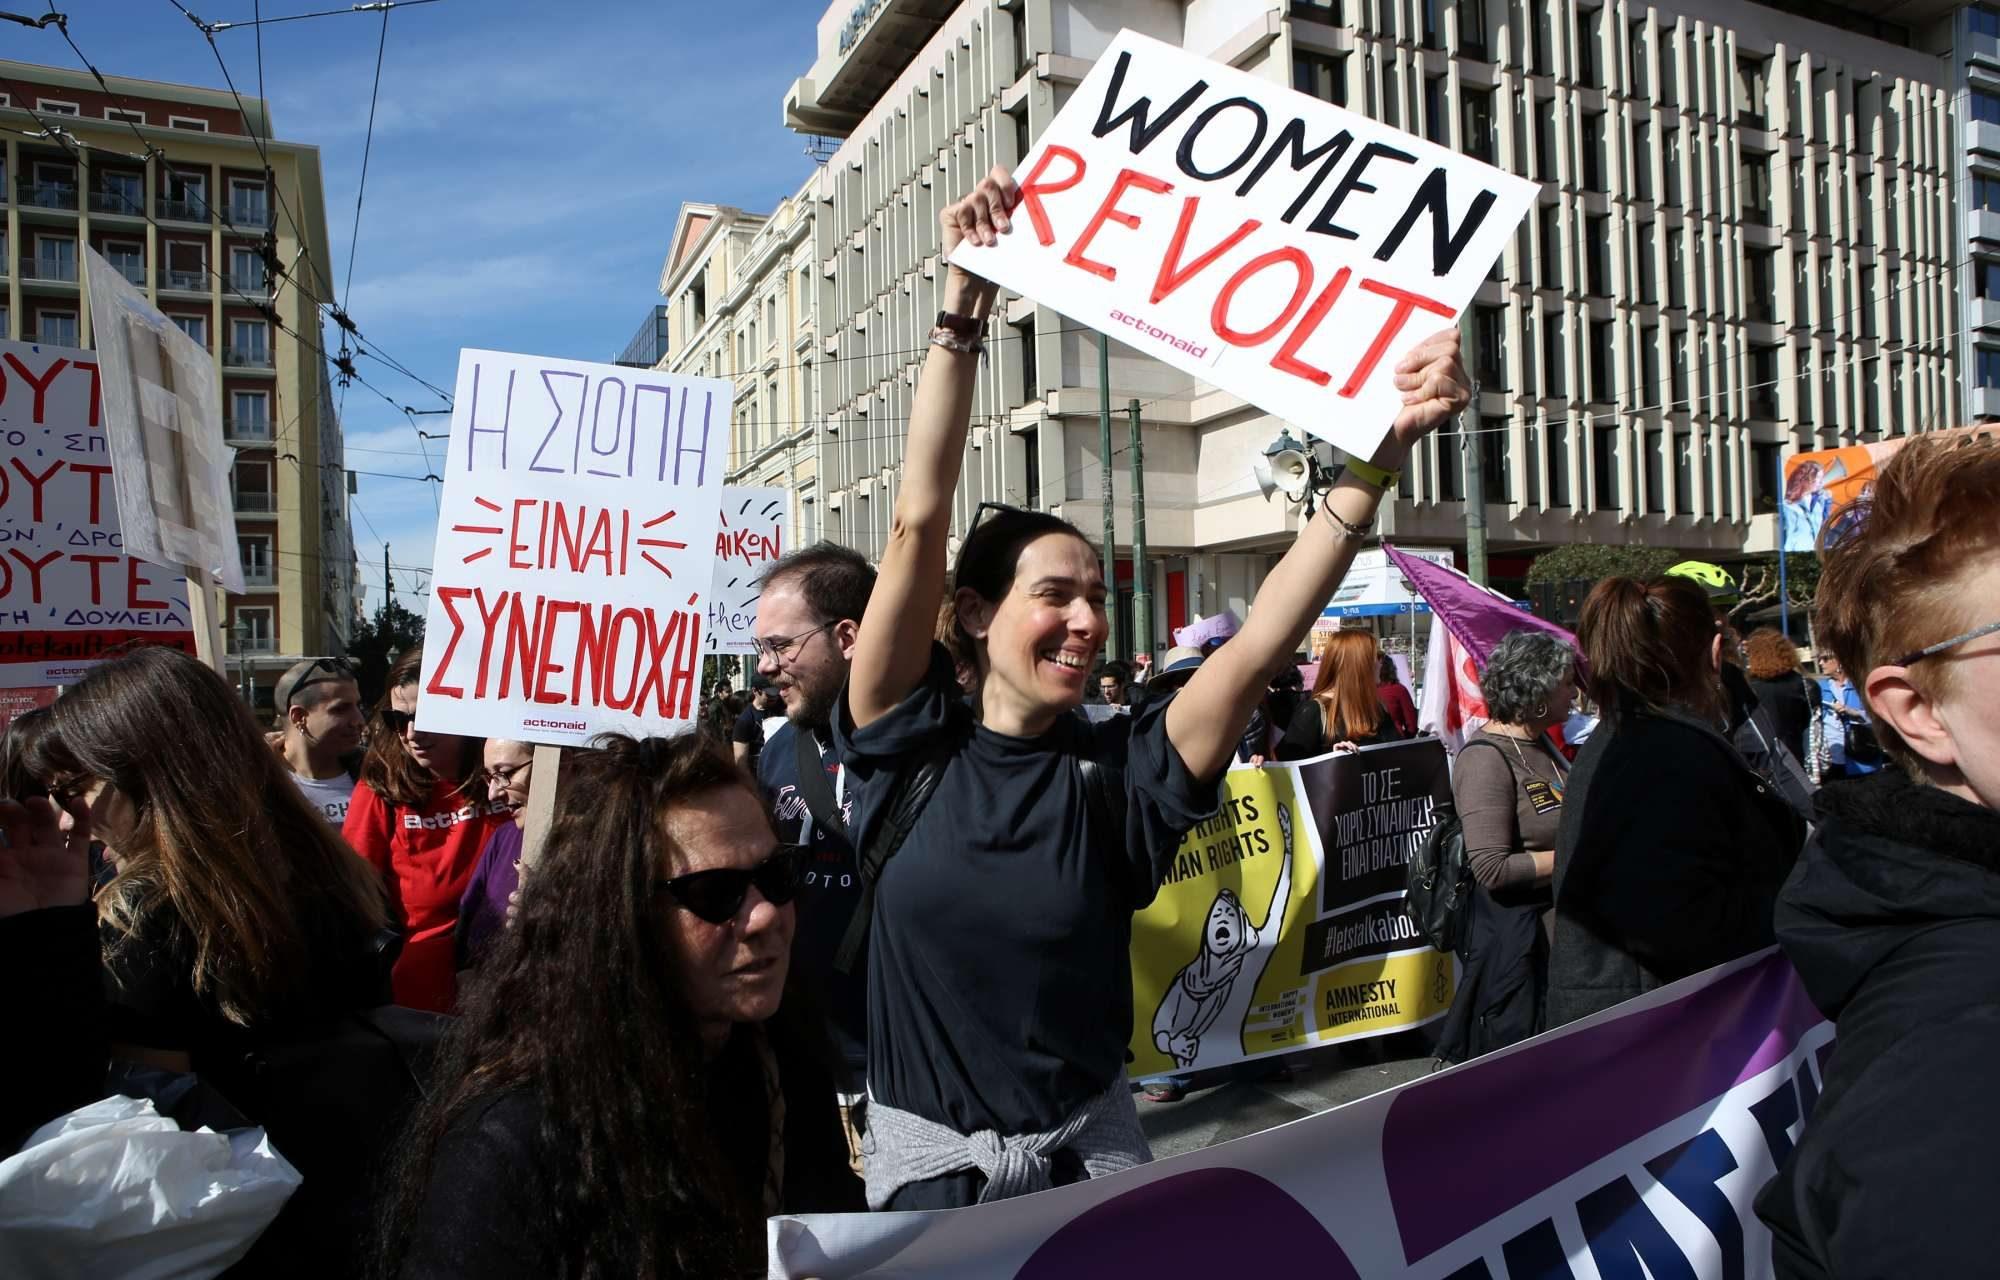 Οδός Σταδίου: Γυναίκες διαδηλώνουν στην Αθήνα το μεσημέρι της Παρασκευής, κρατώντας πλακάτ με τα συνθήματα «Η σιωπή είναι συνενοχή» και «Γυναίκες, επαναστατήστε»